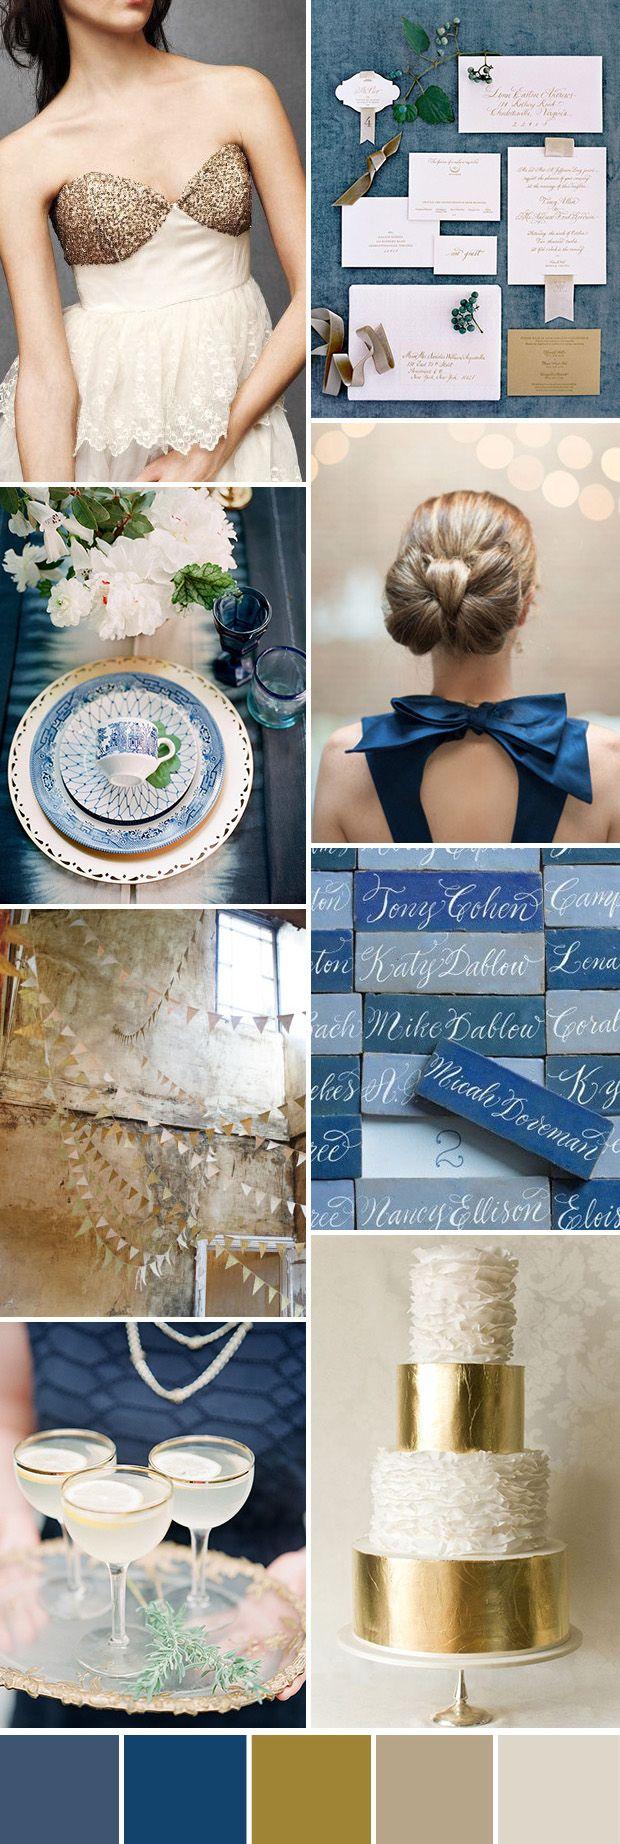 Blue and Gold Wedding Color Palette Ideas - Deer Pearl Flowers / http://www.deerpearlflowers.com/top-5-blue-wedding-color-palette-ideas-you-will-love/blue-and-gold-wedding-color-palette-ideas/